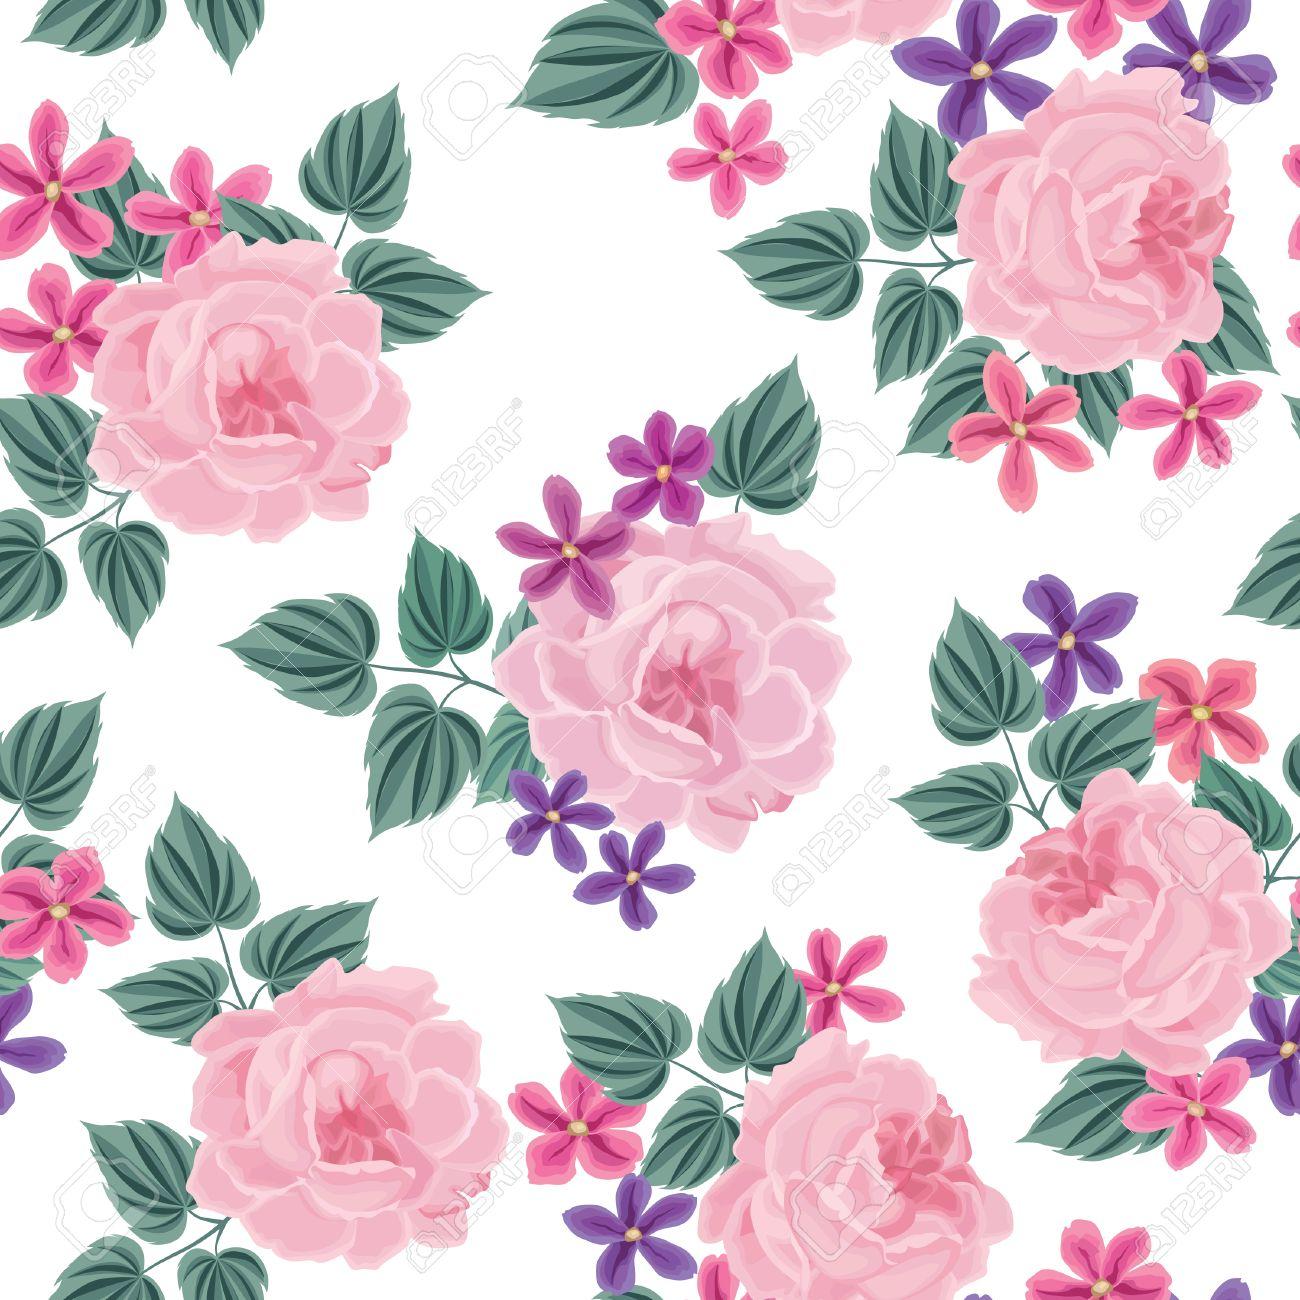 floral seamless pattern flower background floral tile spring